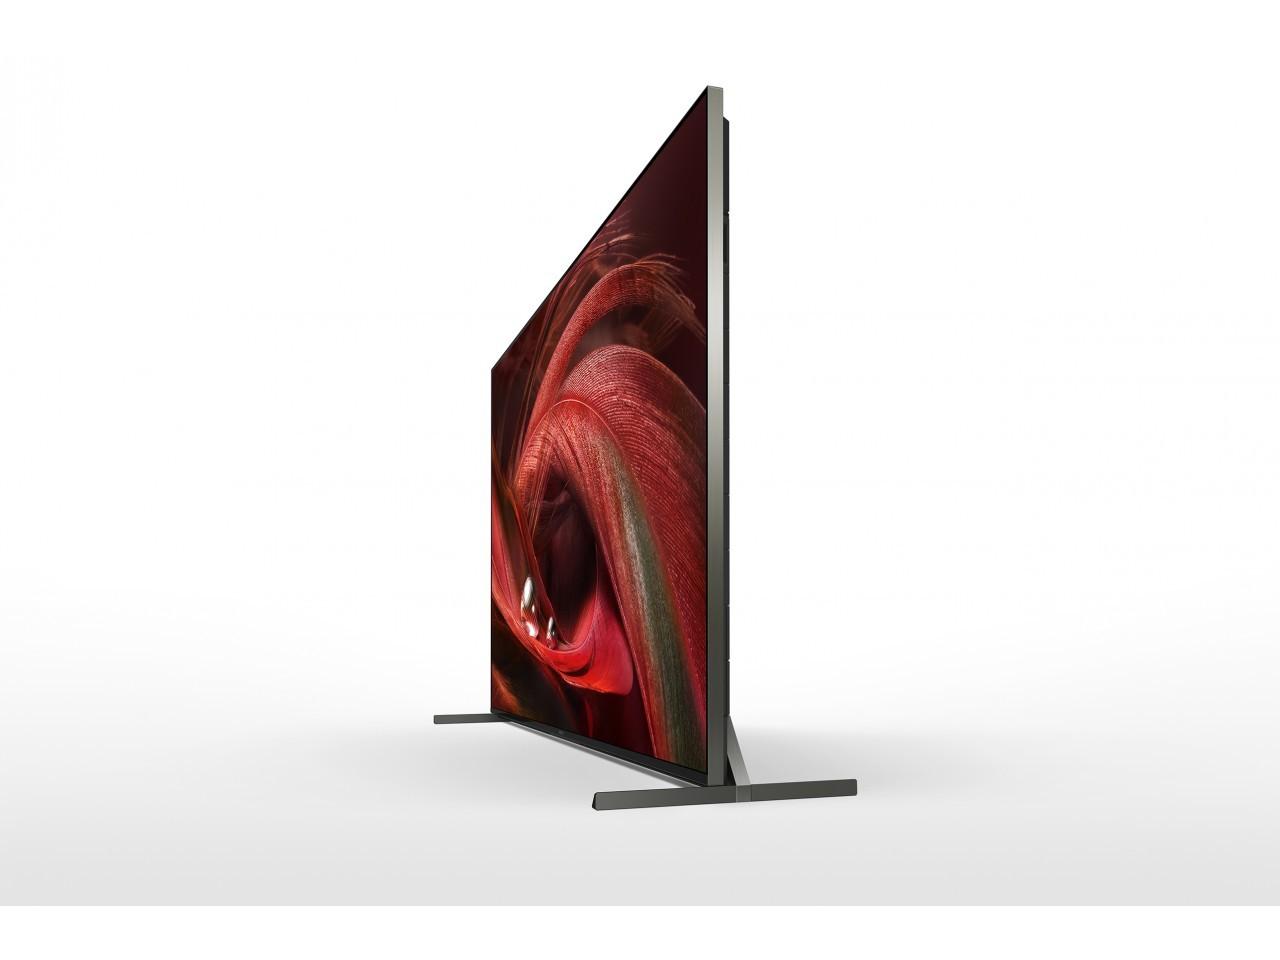 Телевизор Sony Bravia XR75X95J, диагональ 75 дюймов